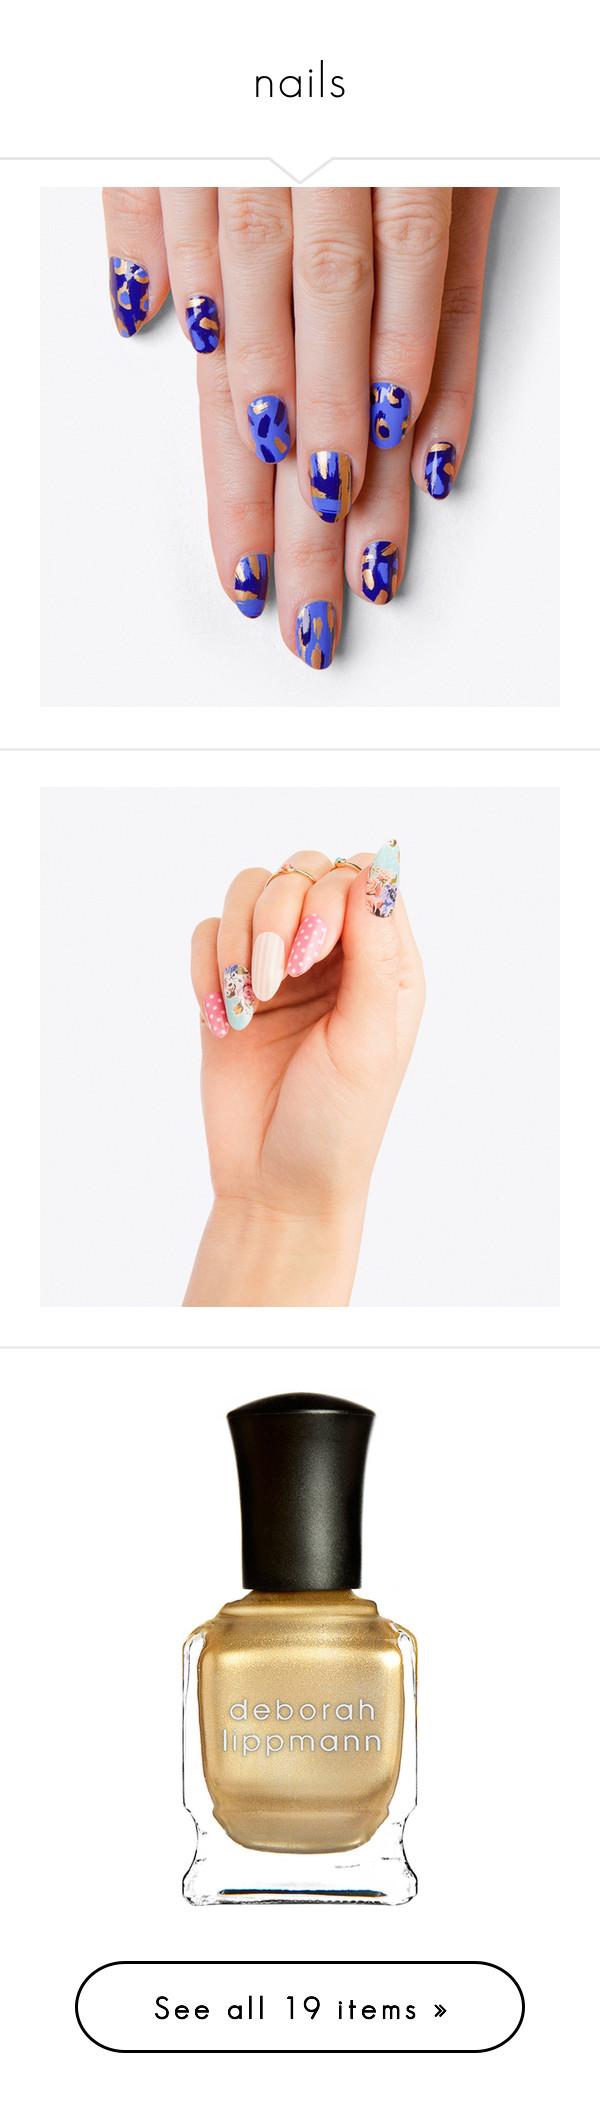 nails\